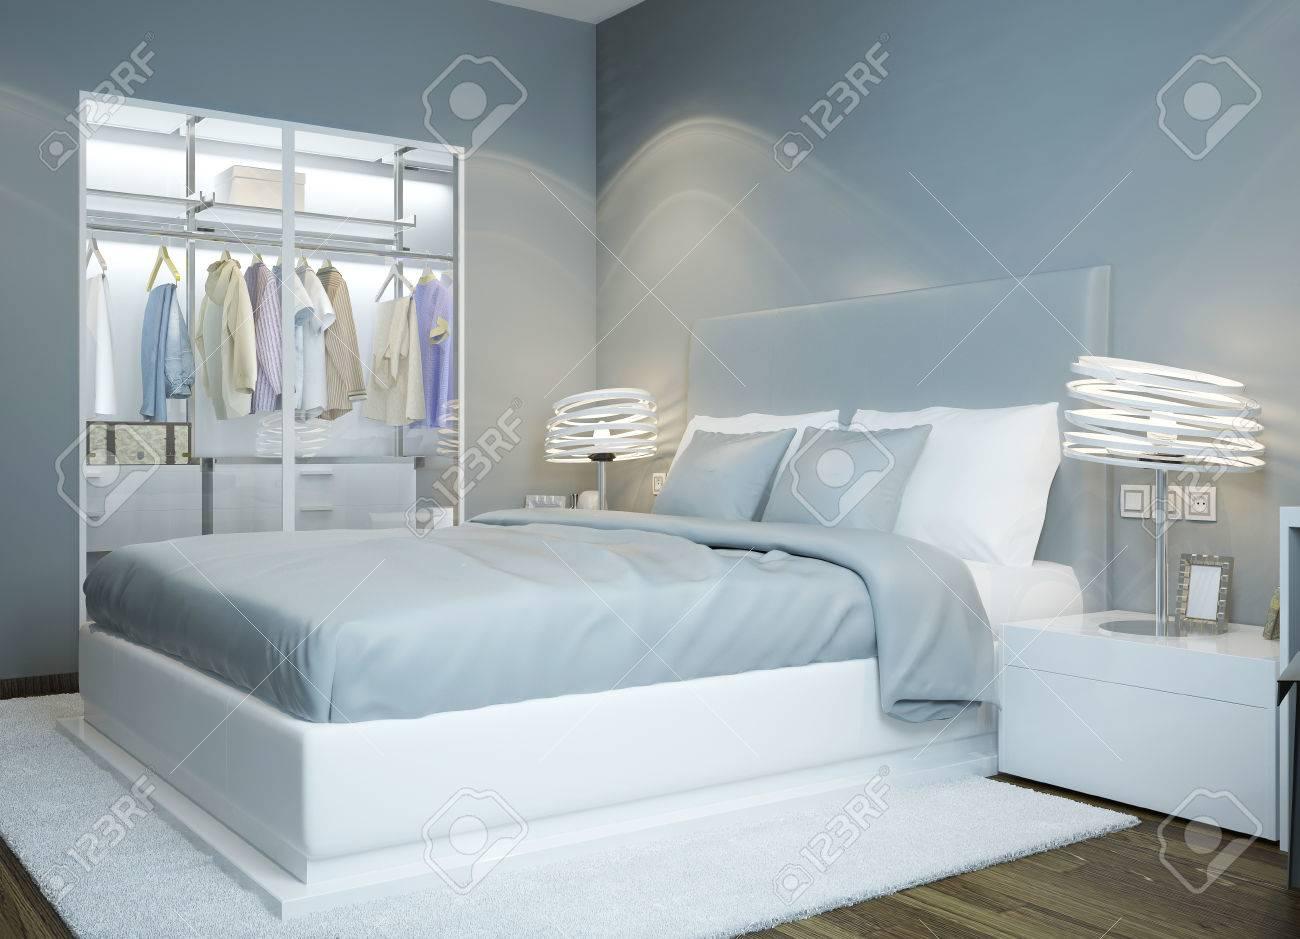 Scandinavian Schlafzimmer Design. Licht Blau Gefärbten Schlafzimmer,  Kleiderschrank Mit Glasschiebetüren, Futuristischen Lampen.